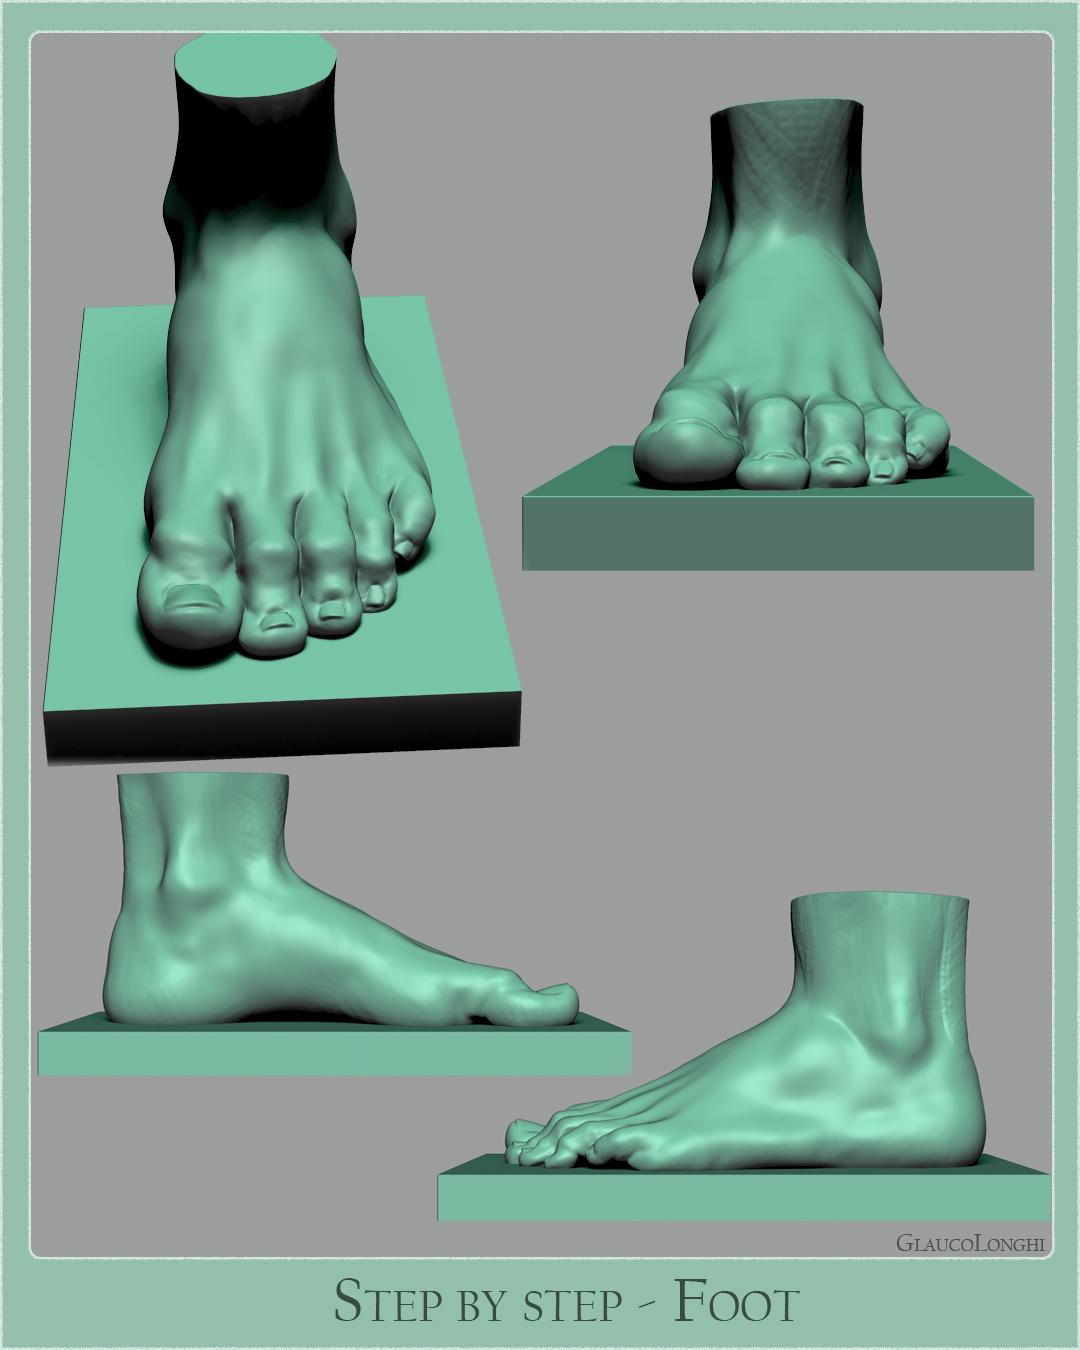 sbs_foot_006.jpg